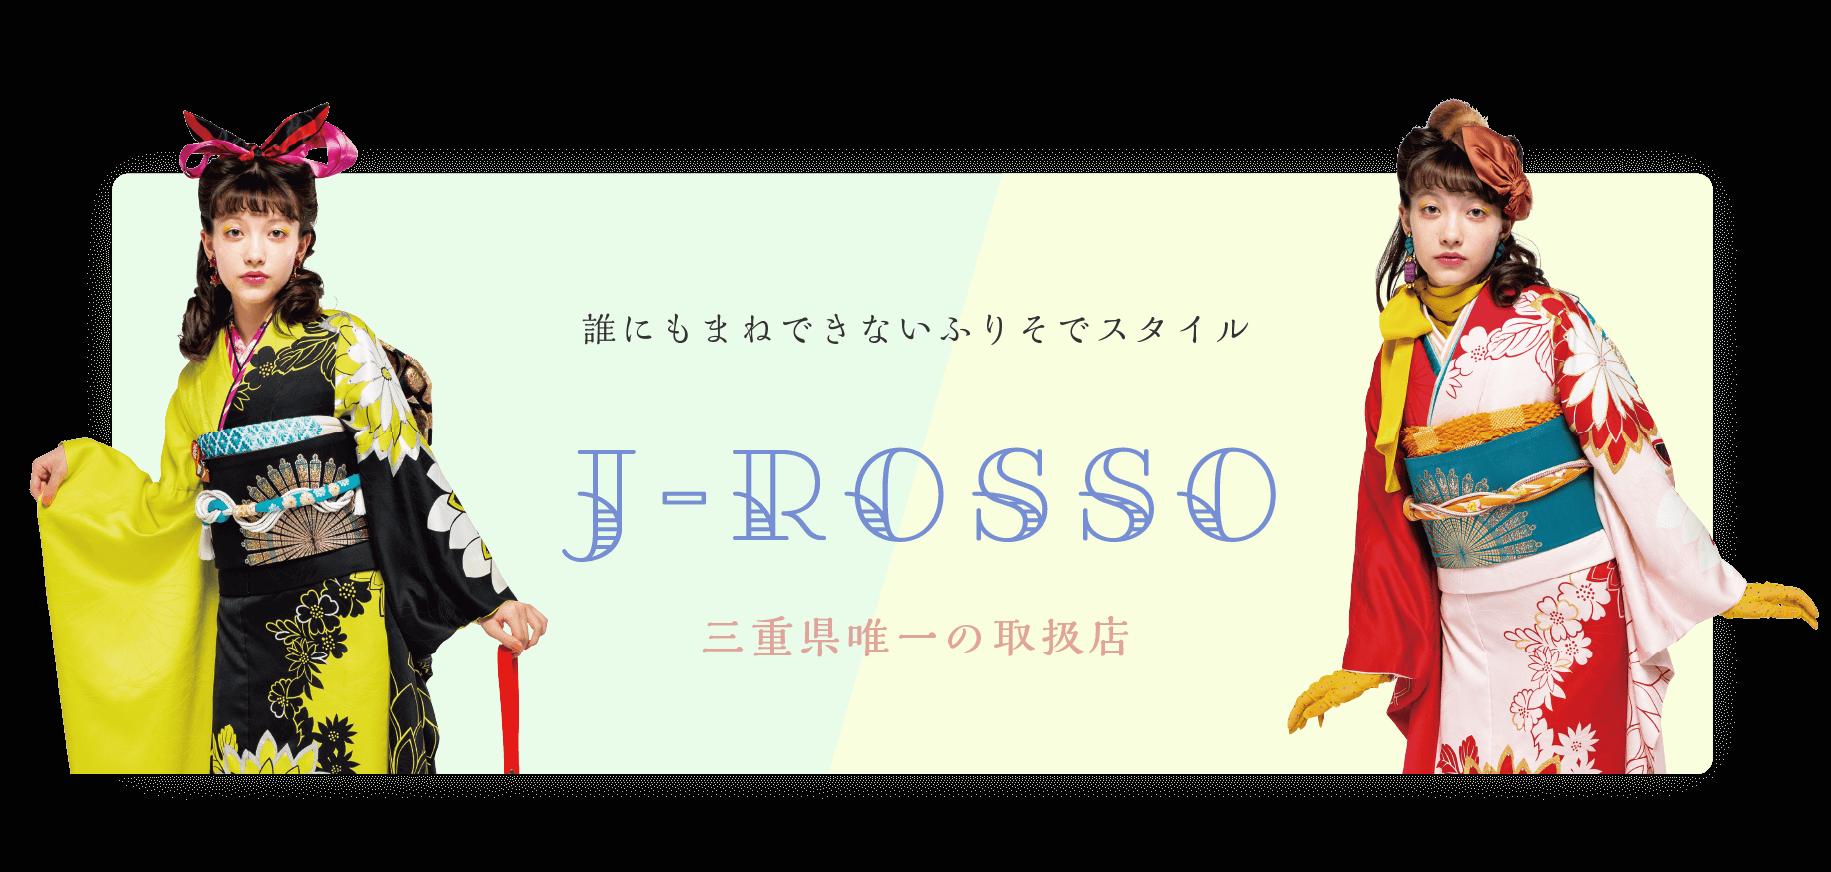 三重県唯一の取扱店 J-ROSSO